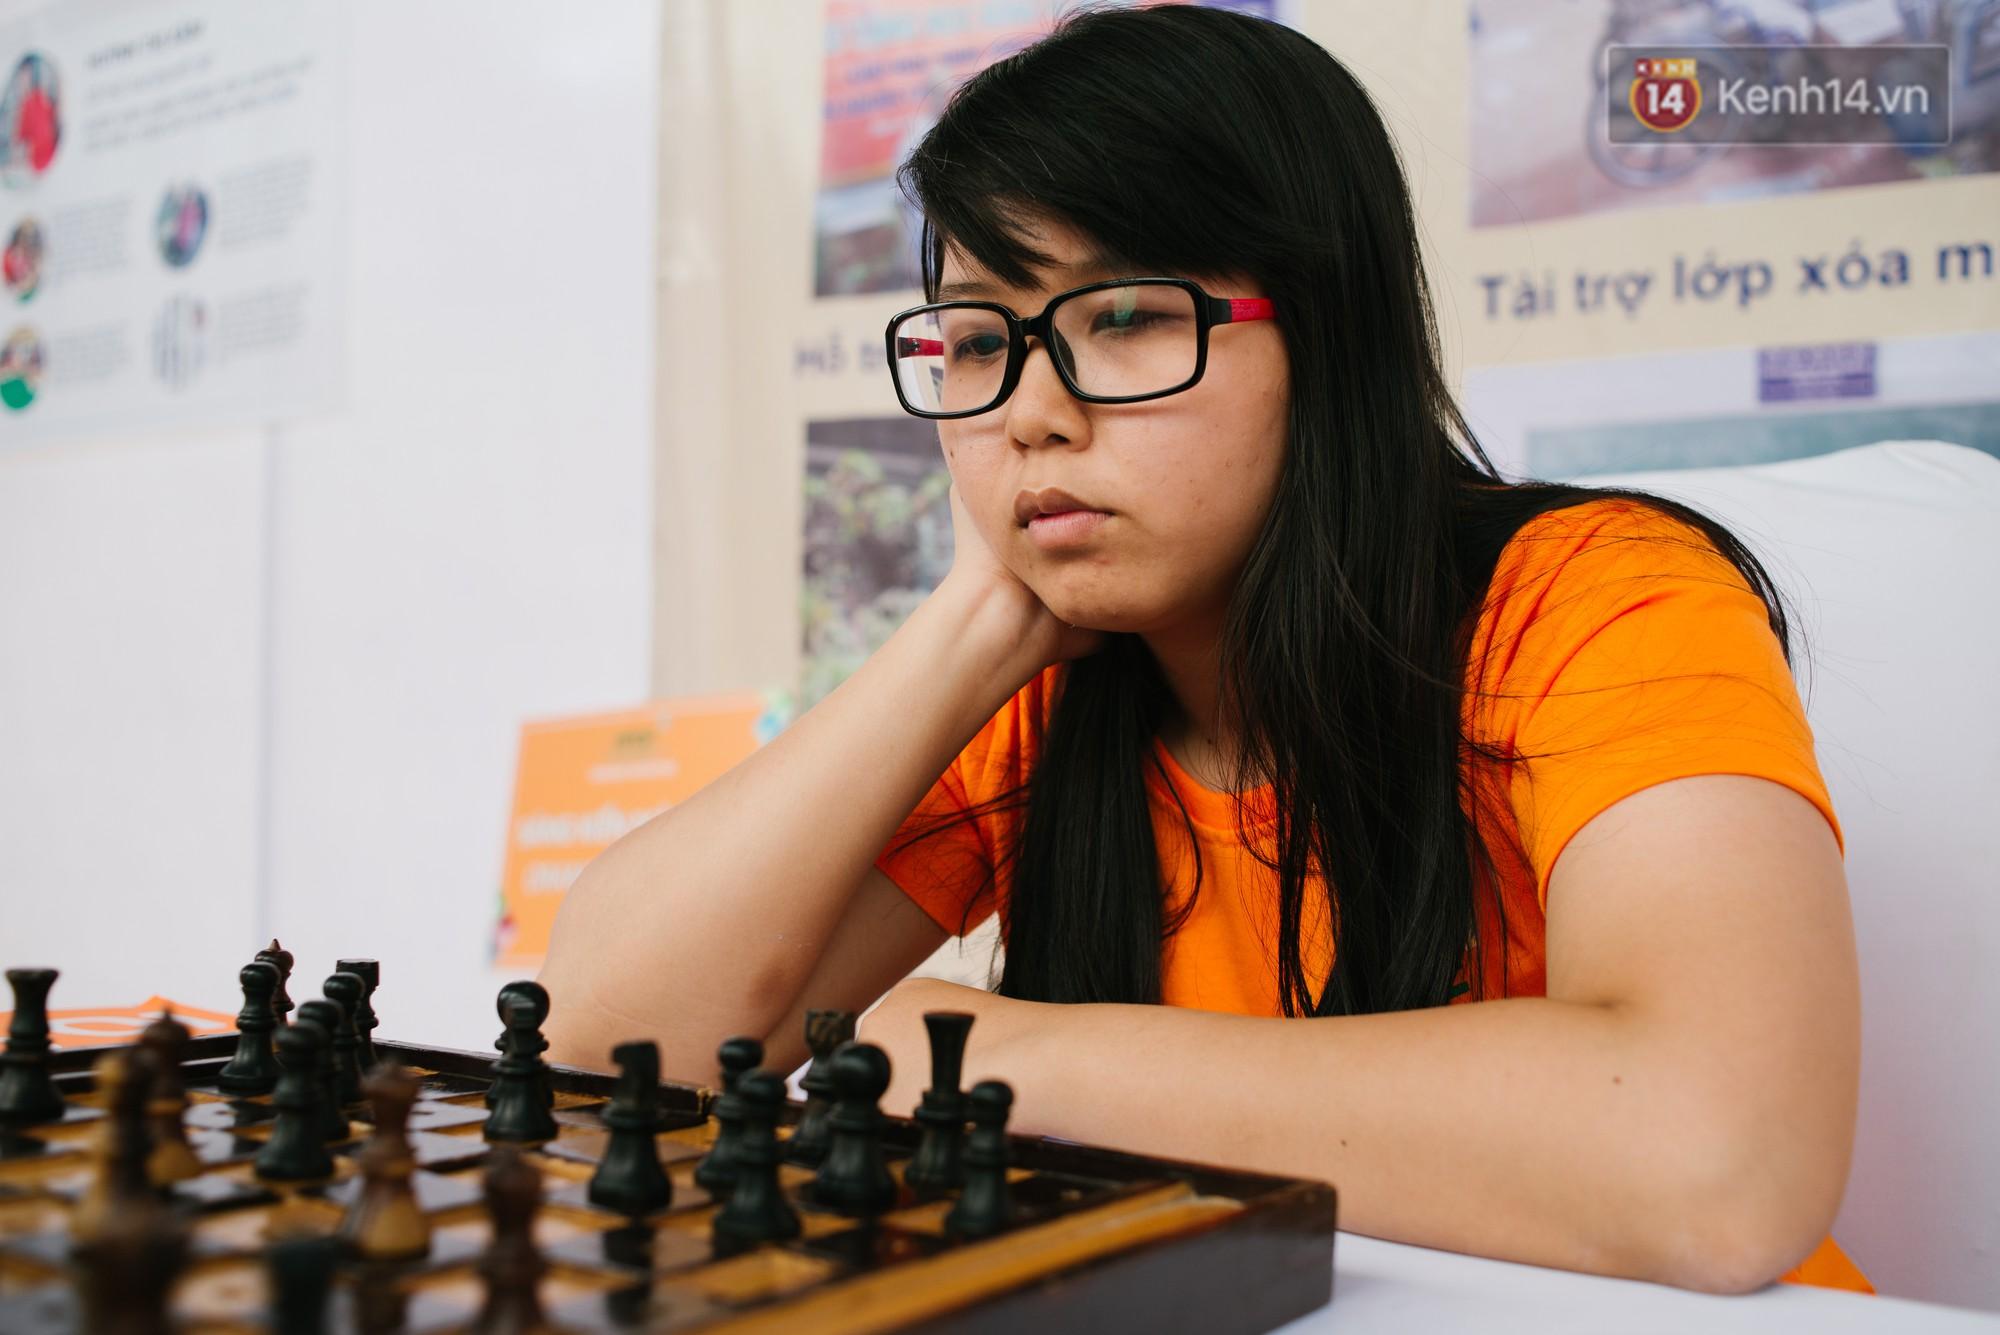 Hành trình chạm đến giải vô địch cờ vua Đông Nam Á của cô gái khiếm thị Sài Gòn - Ảnh 1.